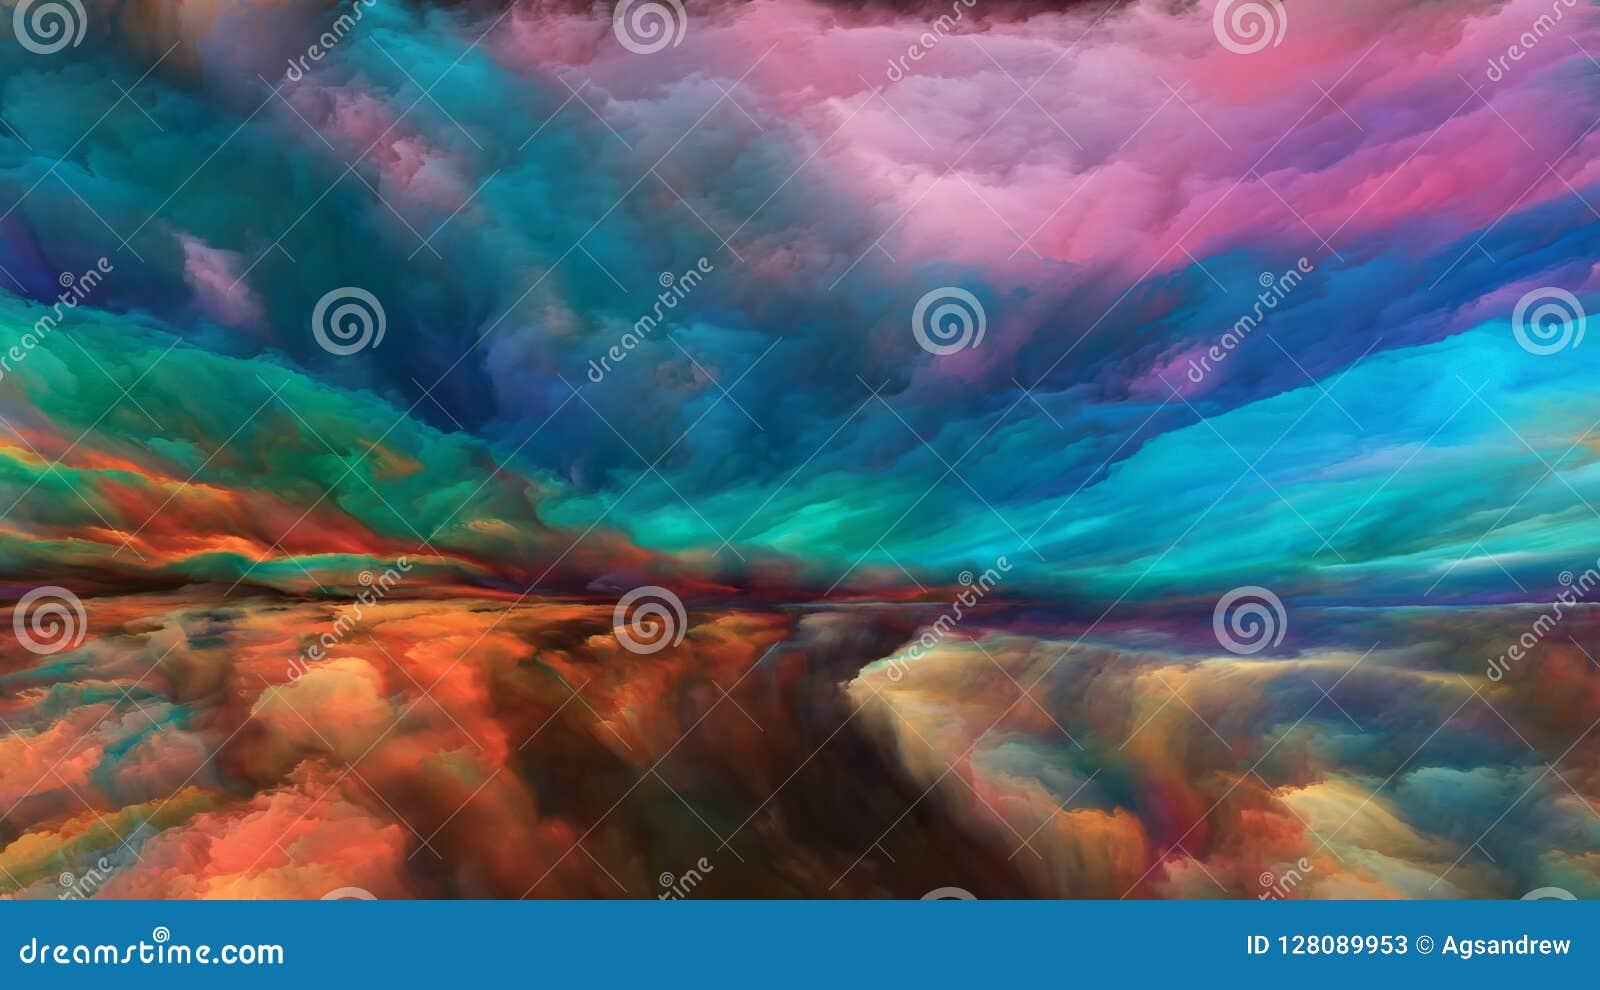 Visualisation de paysage abstrait